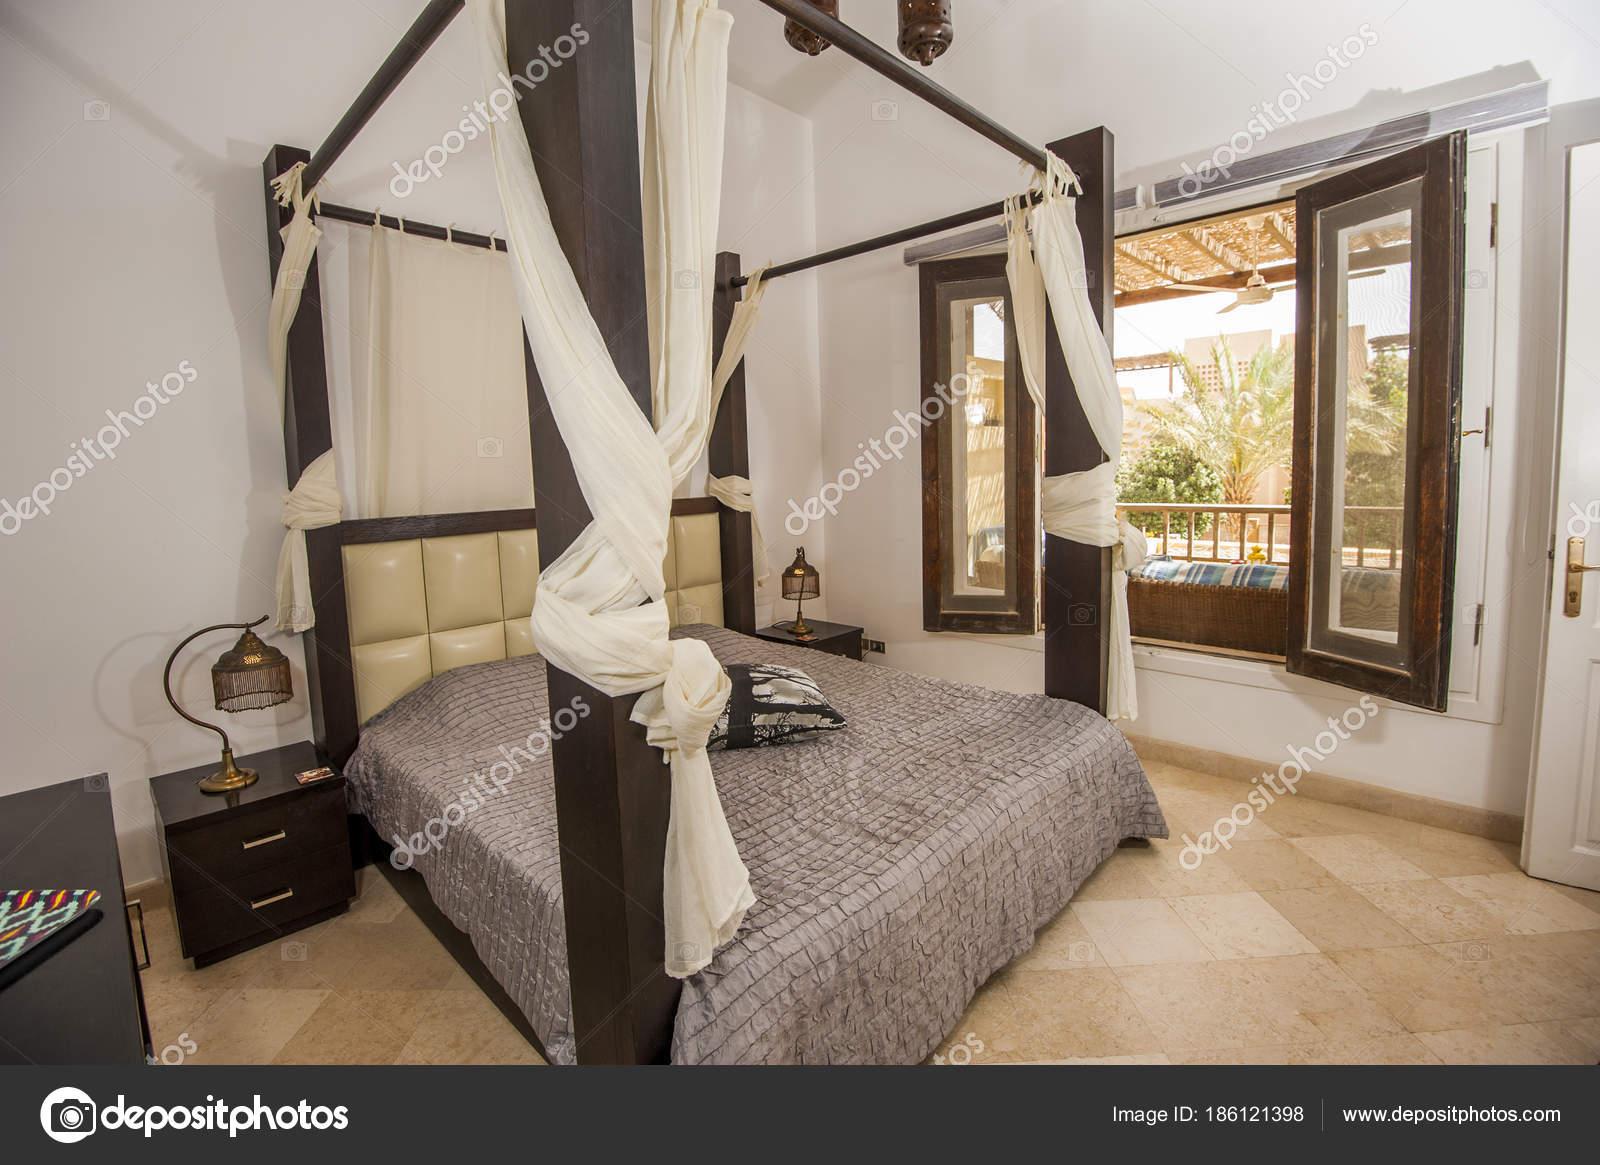 Inneneinrichtung der Zimmer in Luxus-Villa mit Blick auf den Garten ...